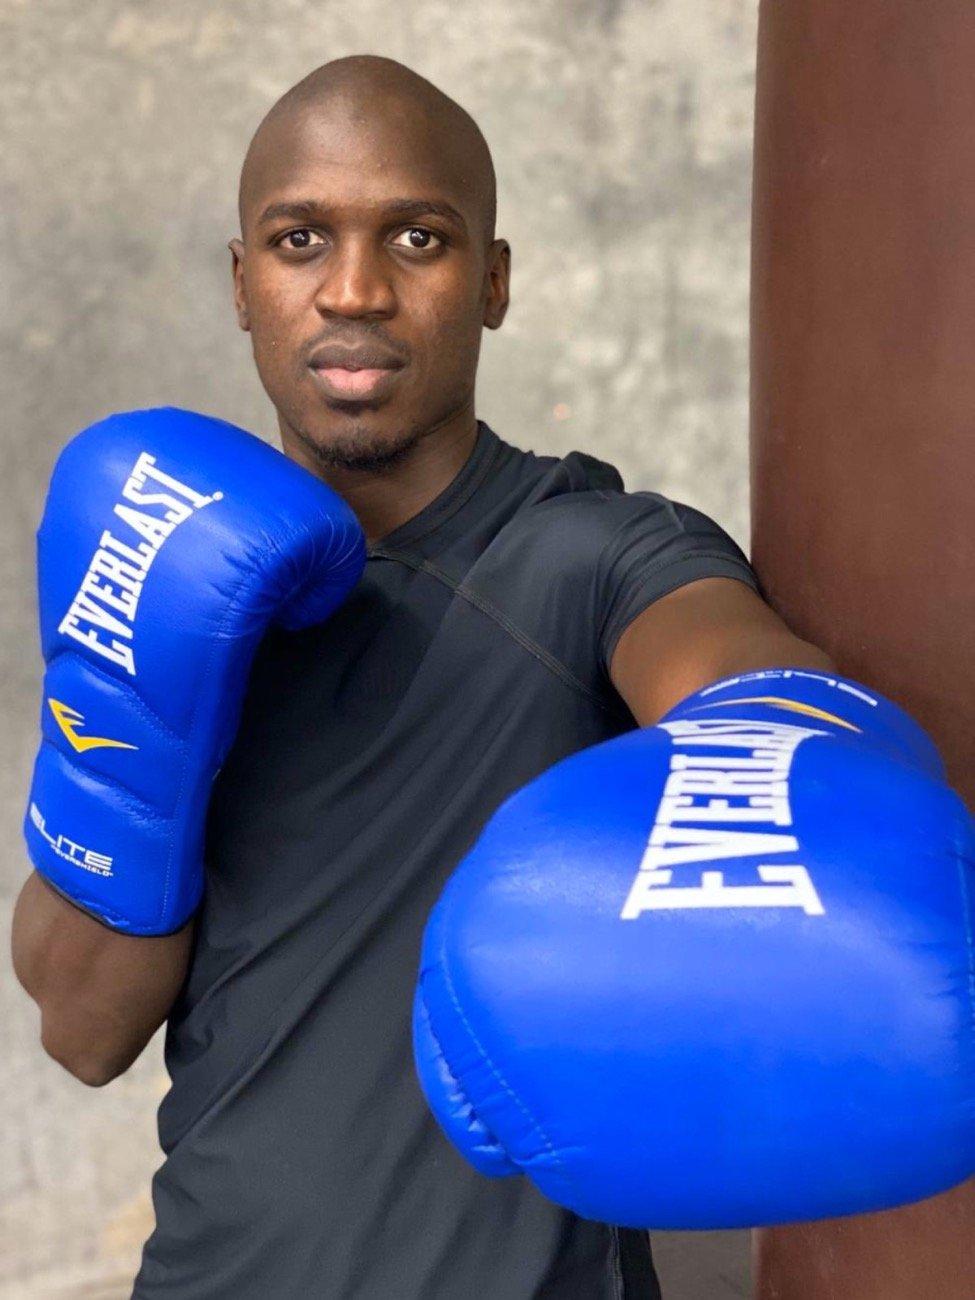 Souleymane Cissokho - British Boxing